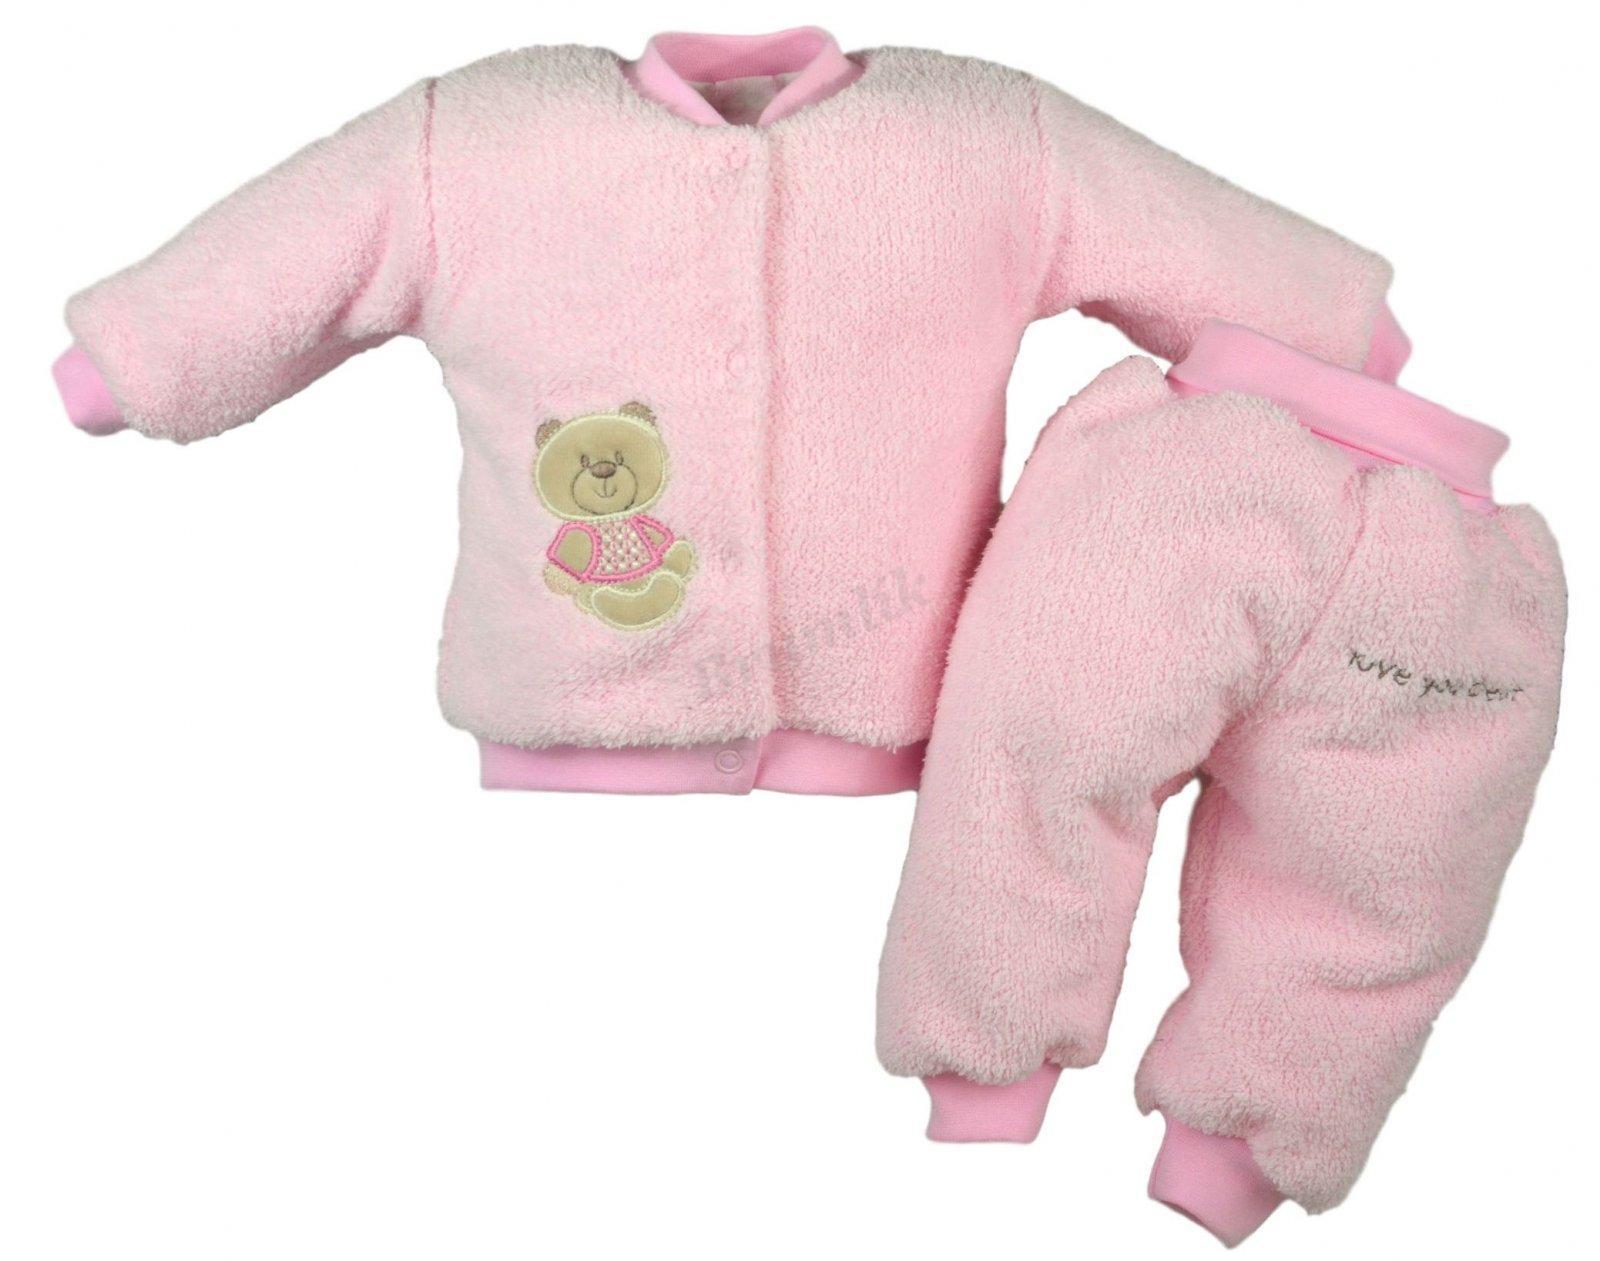 d82c52bc643 Zimní souprava - Sladký medvídek - růžová